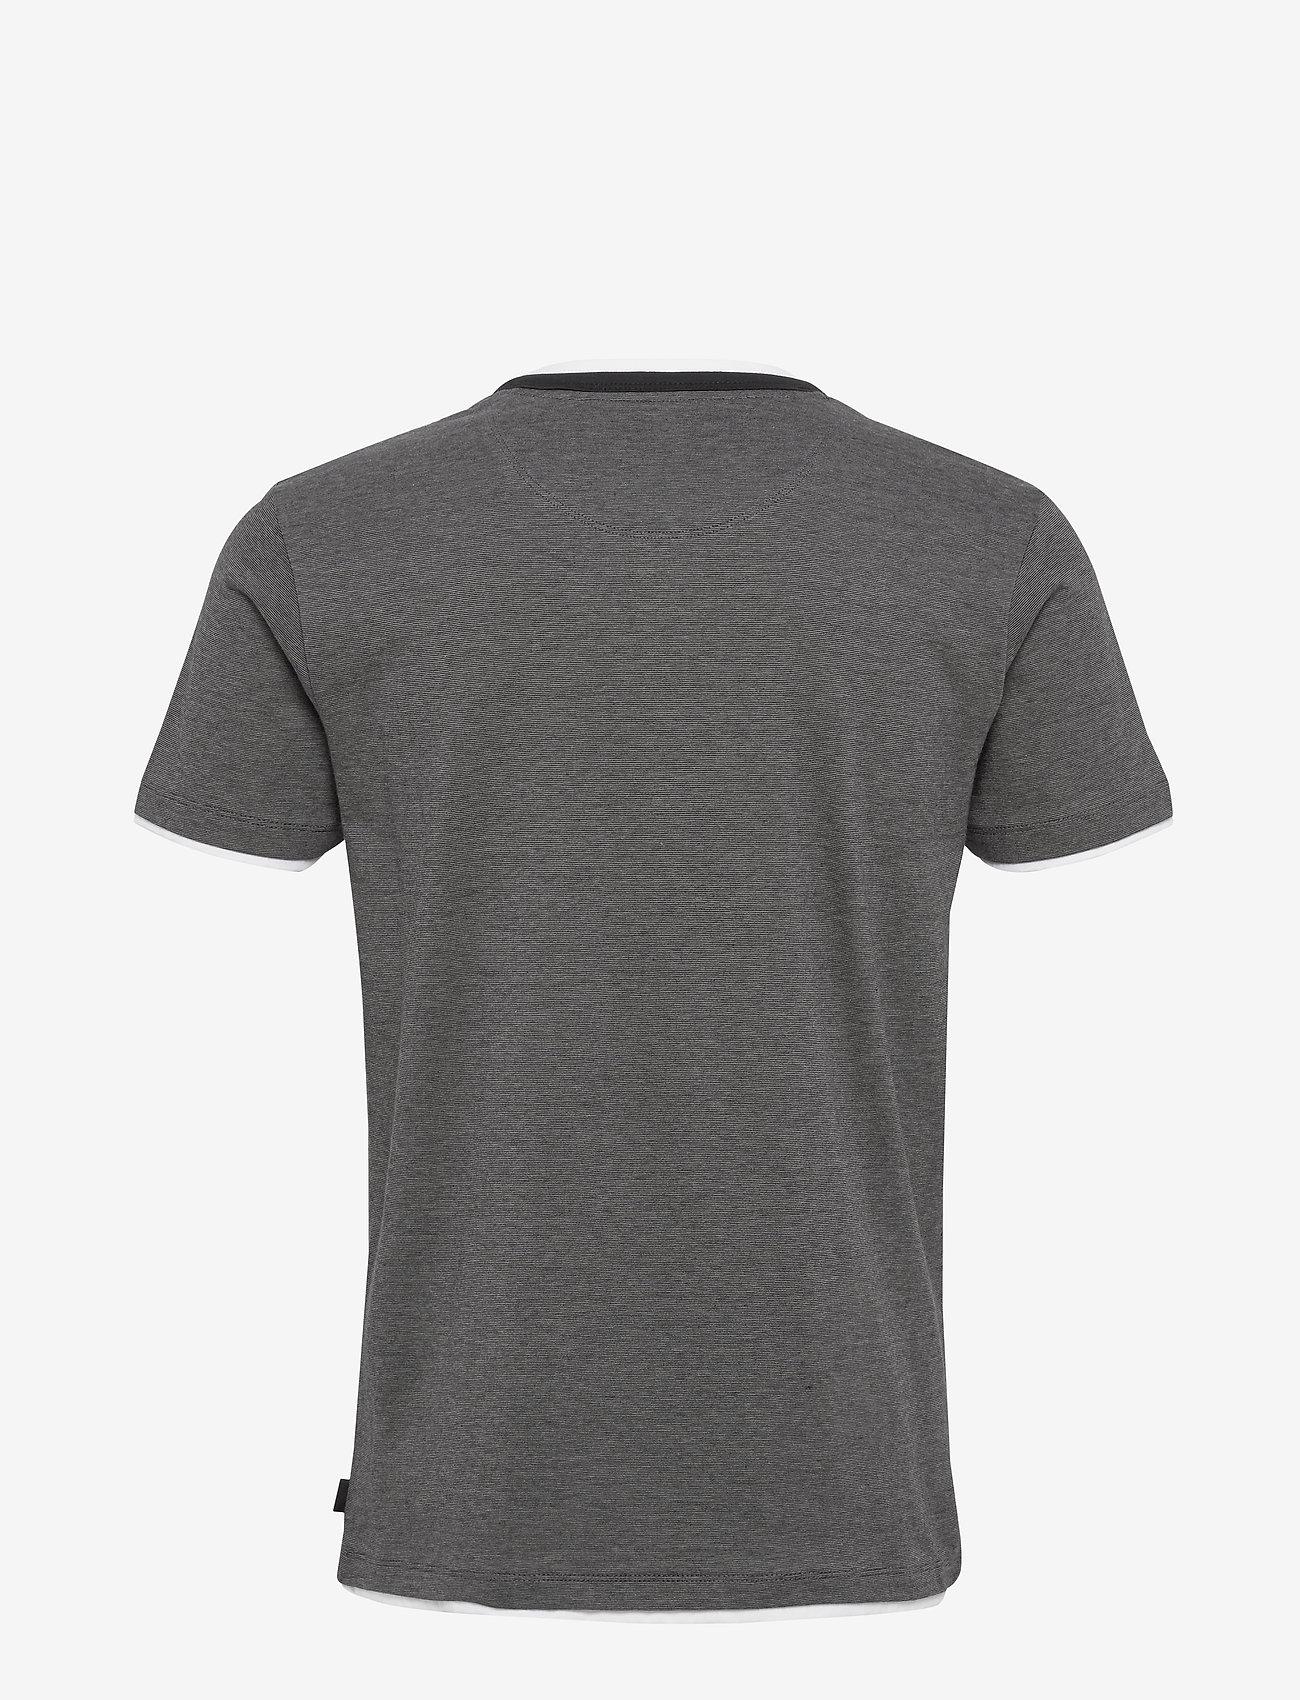 Esprit Casual - T-Shirts - t-shirts basiques - black 3 - 1